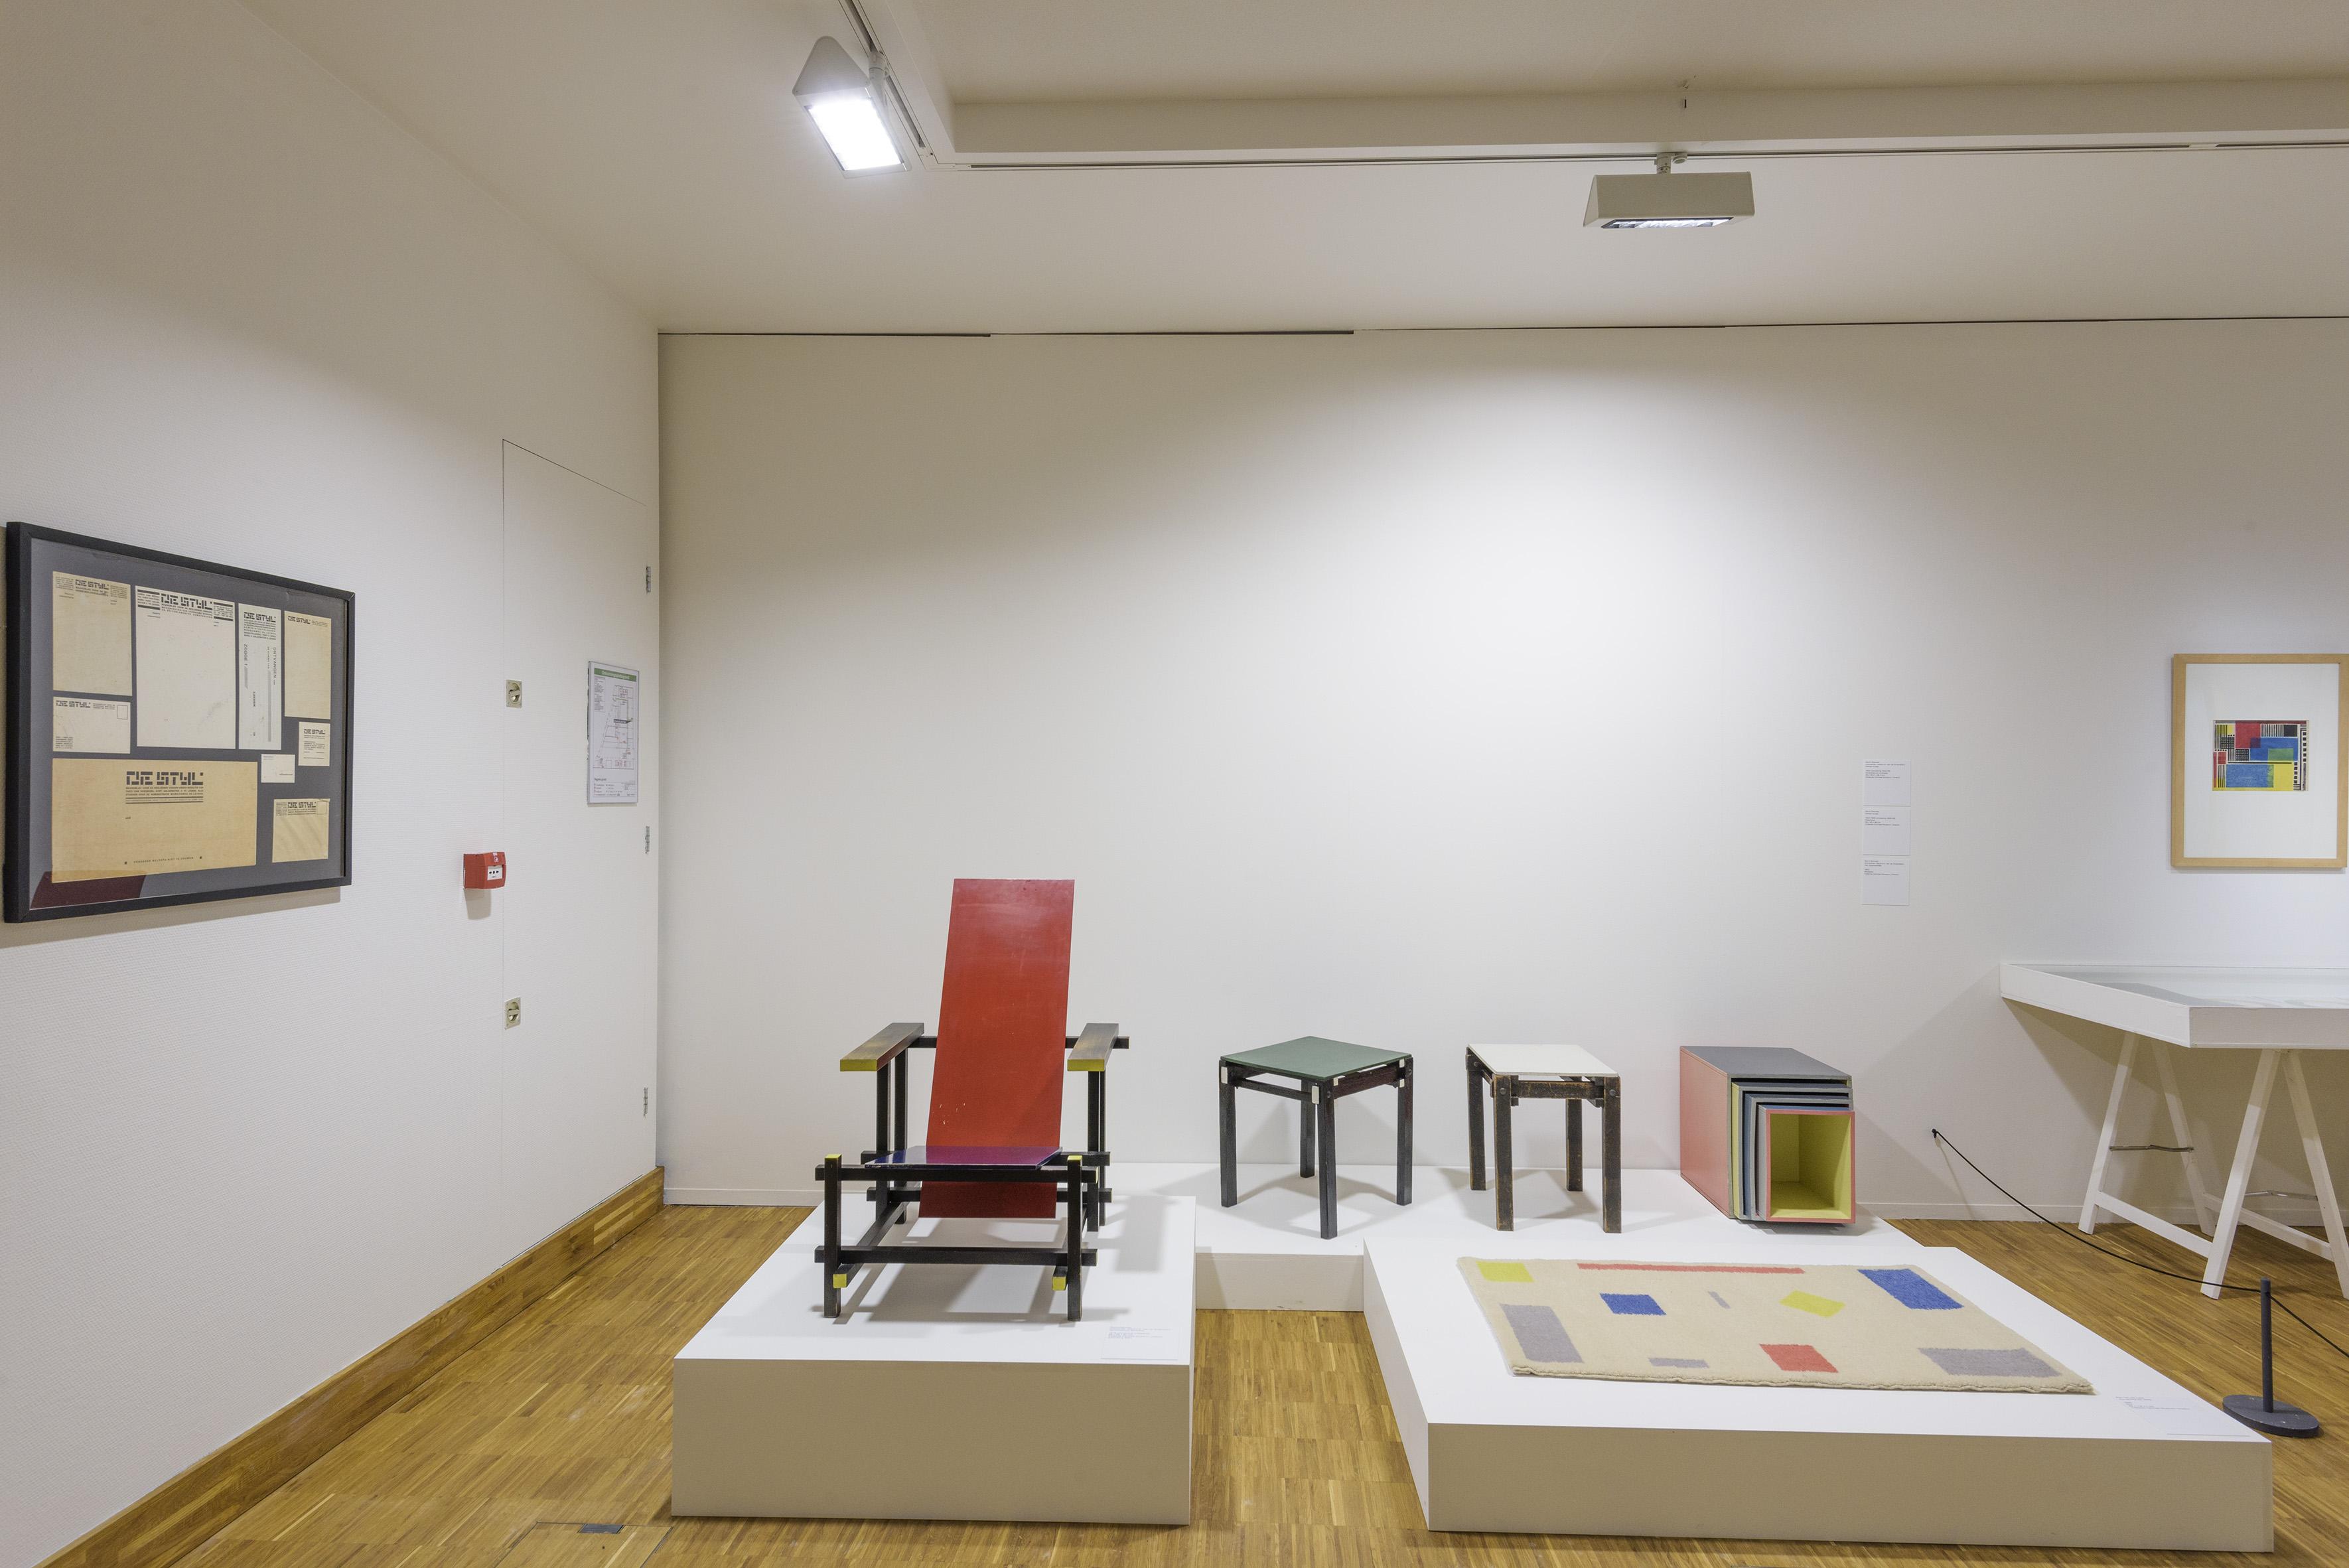 Zaaloverzicht De kleuren van De Stijl met werk Theo van Doesburg, Gerrit Rietveld en Bart van der Leck